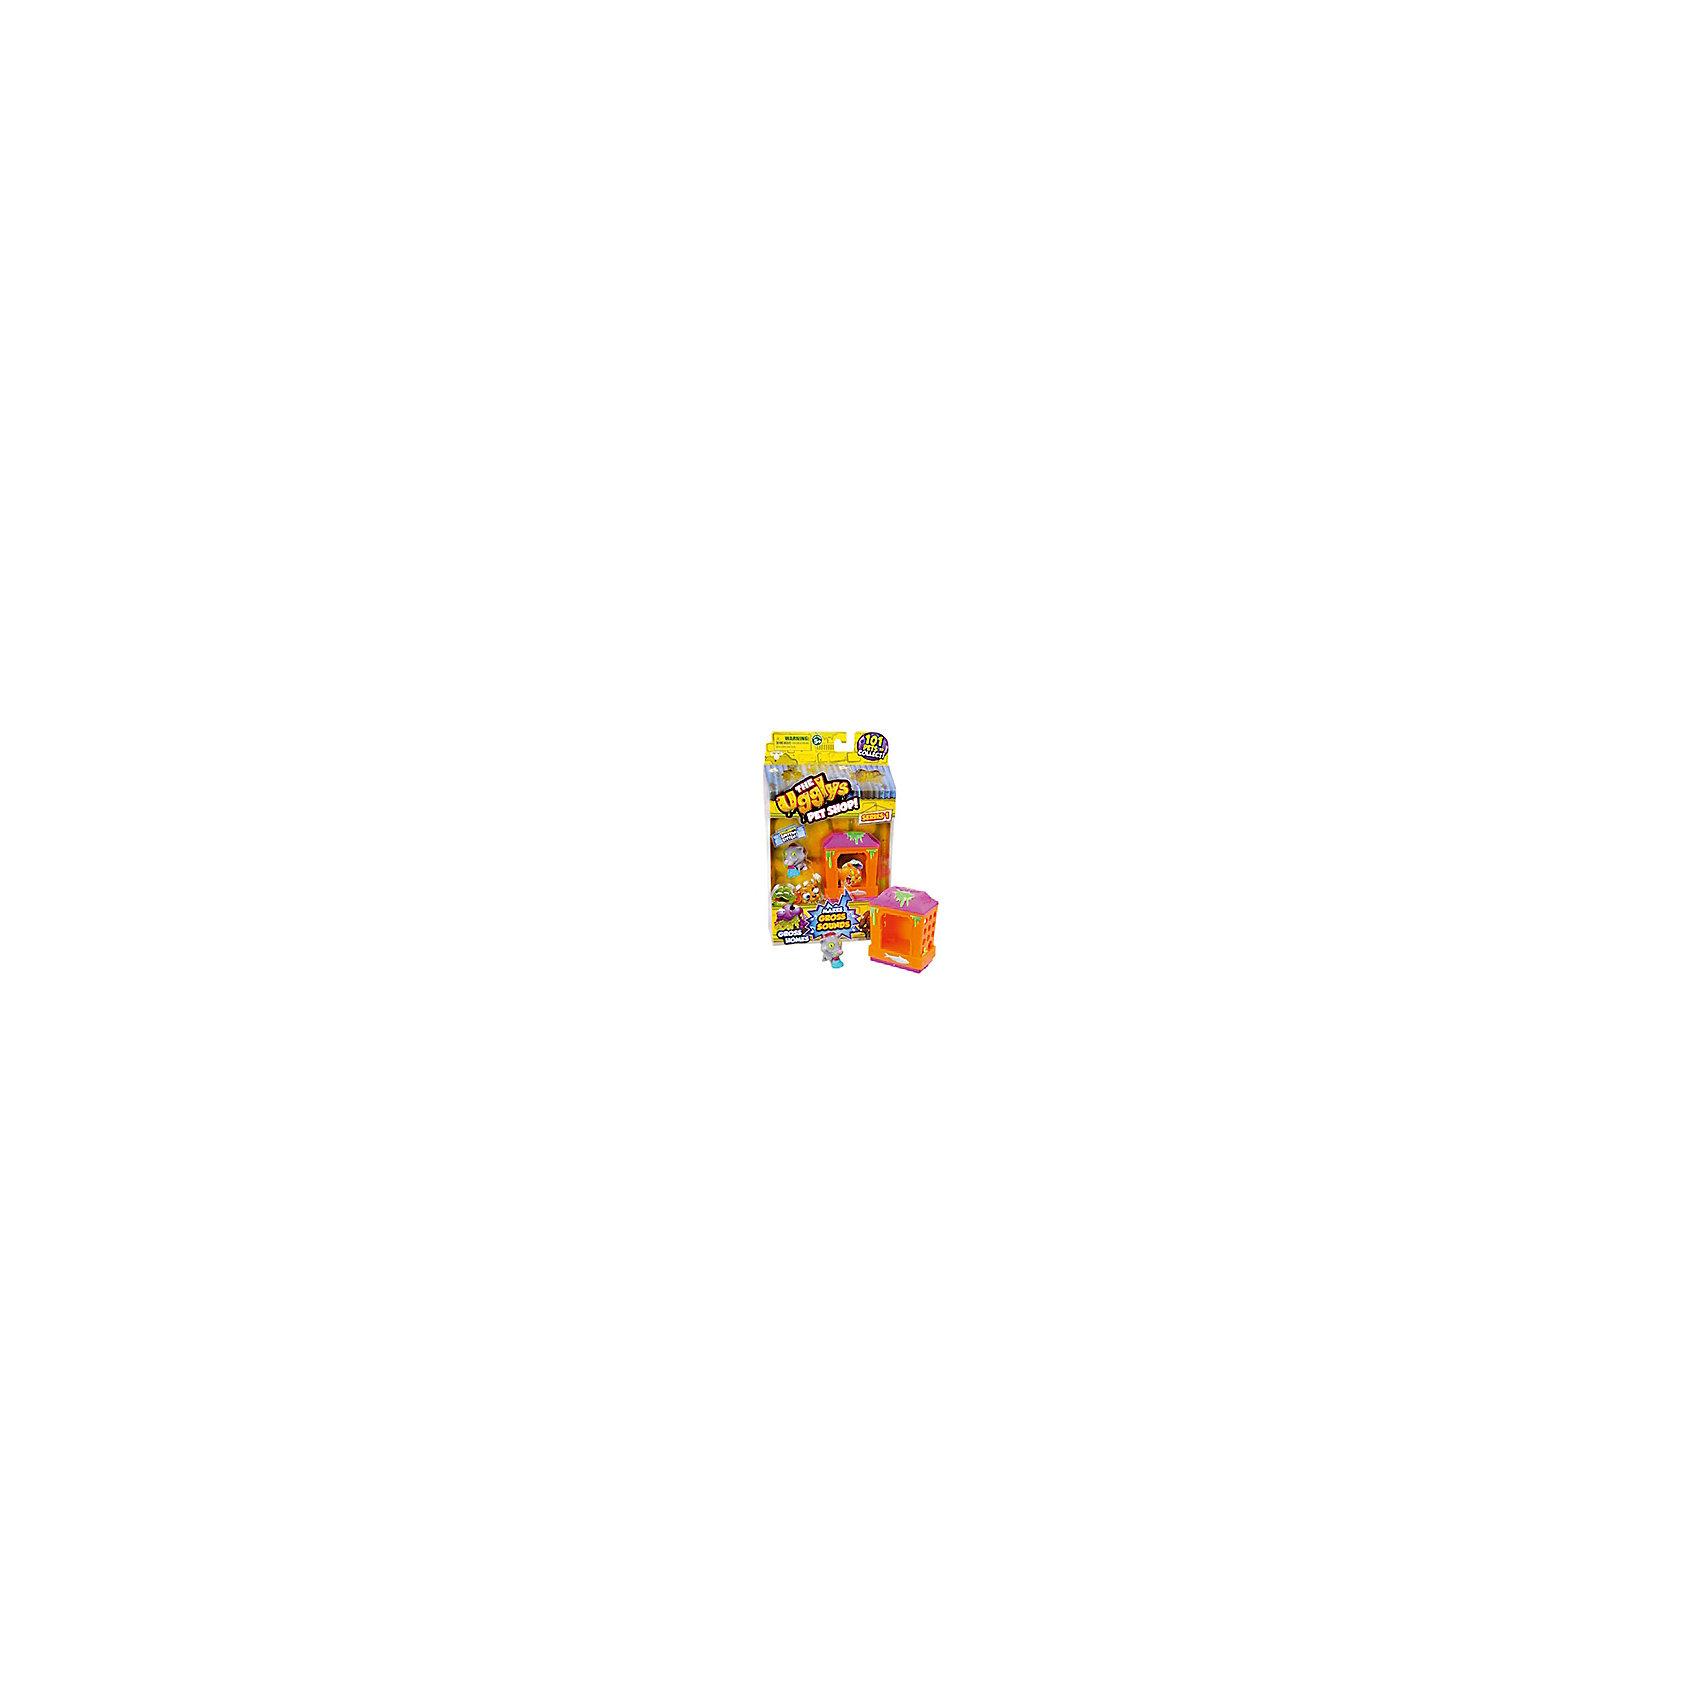 Набор Домик с фигуркой Mutt Hut, Ugglys Pet ShopНабор Домик с фигуркой, Ugglys Pet Shop – это настоящая находка для юной любительницы хулиганских питомцев.<br>Игровой набор из серии «Хулиганские животные» состоит из домика для питомца со звуковыми эффектами и уникальной фигурки питомца, которую нельзя найти в других упаковках и наборах серии. Яркий домик также неказист, как его обитатель, но может издавать преотвратительные звуки, если на него нажать. А если соединить несколько домиков вместе, то из них получится этакая шумная многоэтажная хрущоба для животных.<br><br>Дополнительная информация:<br><br>- В наборе: домик, уникальная фигурка<br>- Материал: высококачественная пластмасса, прорезиненный материал<br>- Батарейки: 2 батарейки LR44 (в комплект не входят)<br>- Размер упаковки: 140х230х50 мм.<br>- Вес: 189 гр.<br><br>Набор Домик с фигуркой, Ugglys Pet Shop можно купить в нашем интернет-магазине.<br><br>Ширина мм: 140<br>Глубина мм: 230<br>Высота мм: 50<br>Вес г: 189<br>Возраст от месяцев: 60<br>Возраст до месяцев: 144<br>Пол: Унисекс<br>Возраст: Детский<br>SKU: 4849997